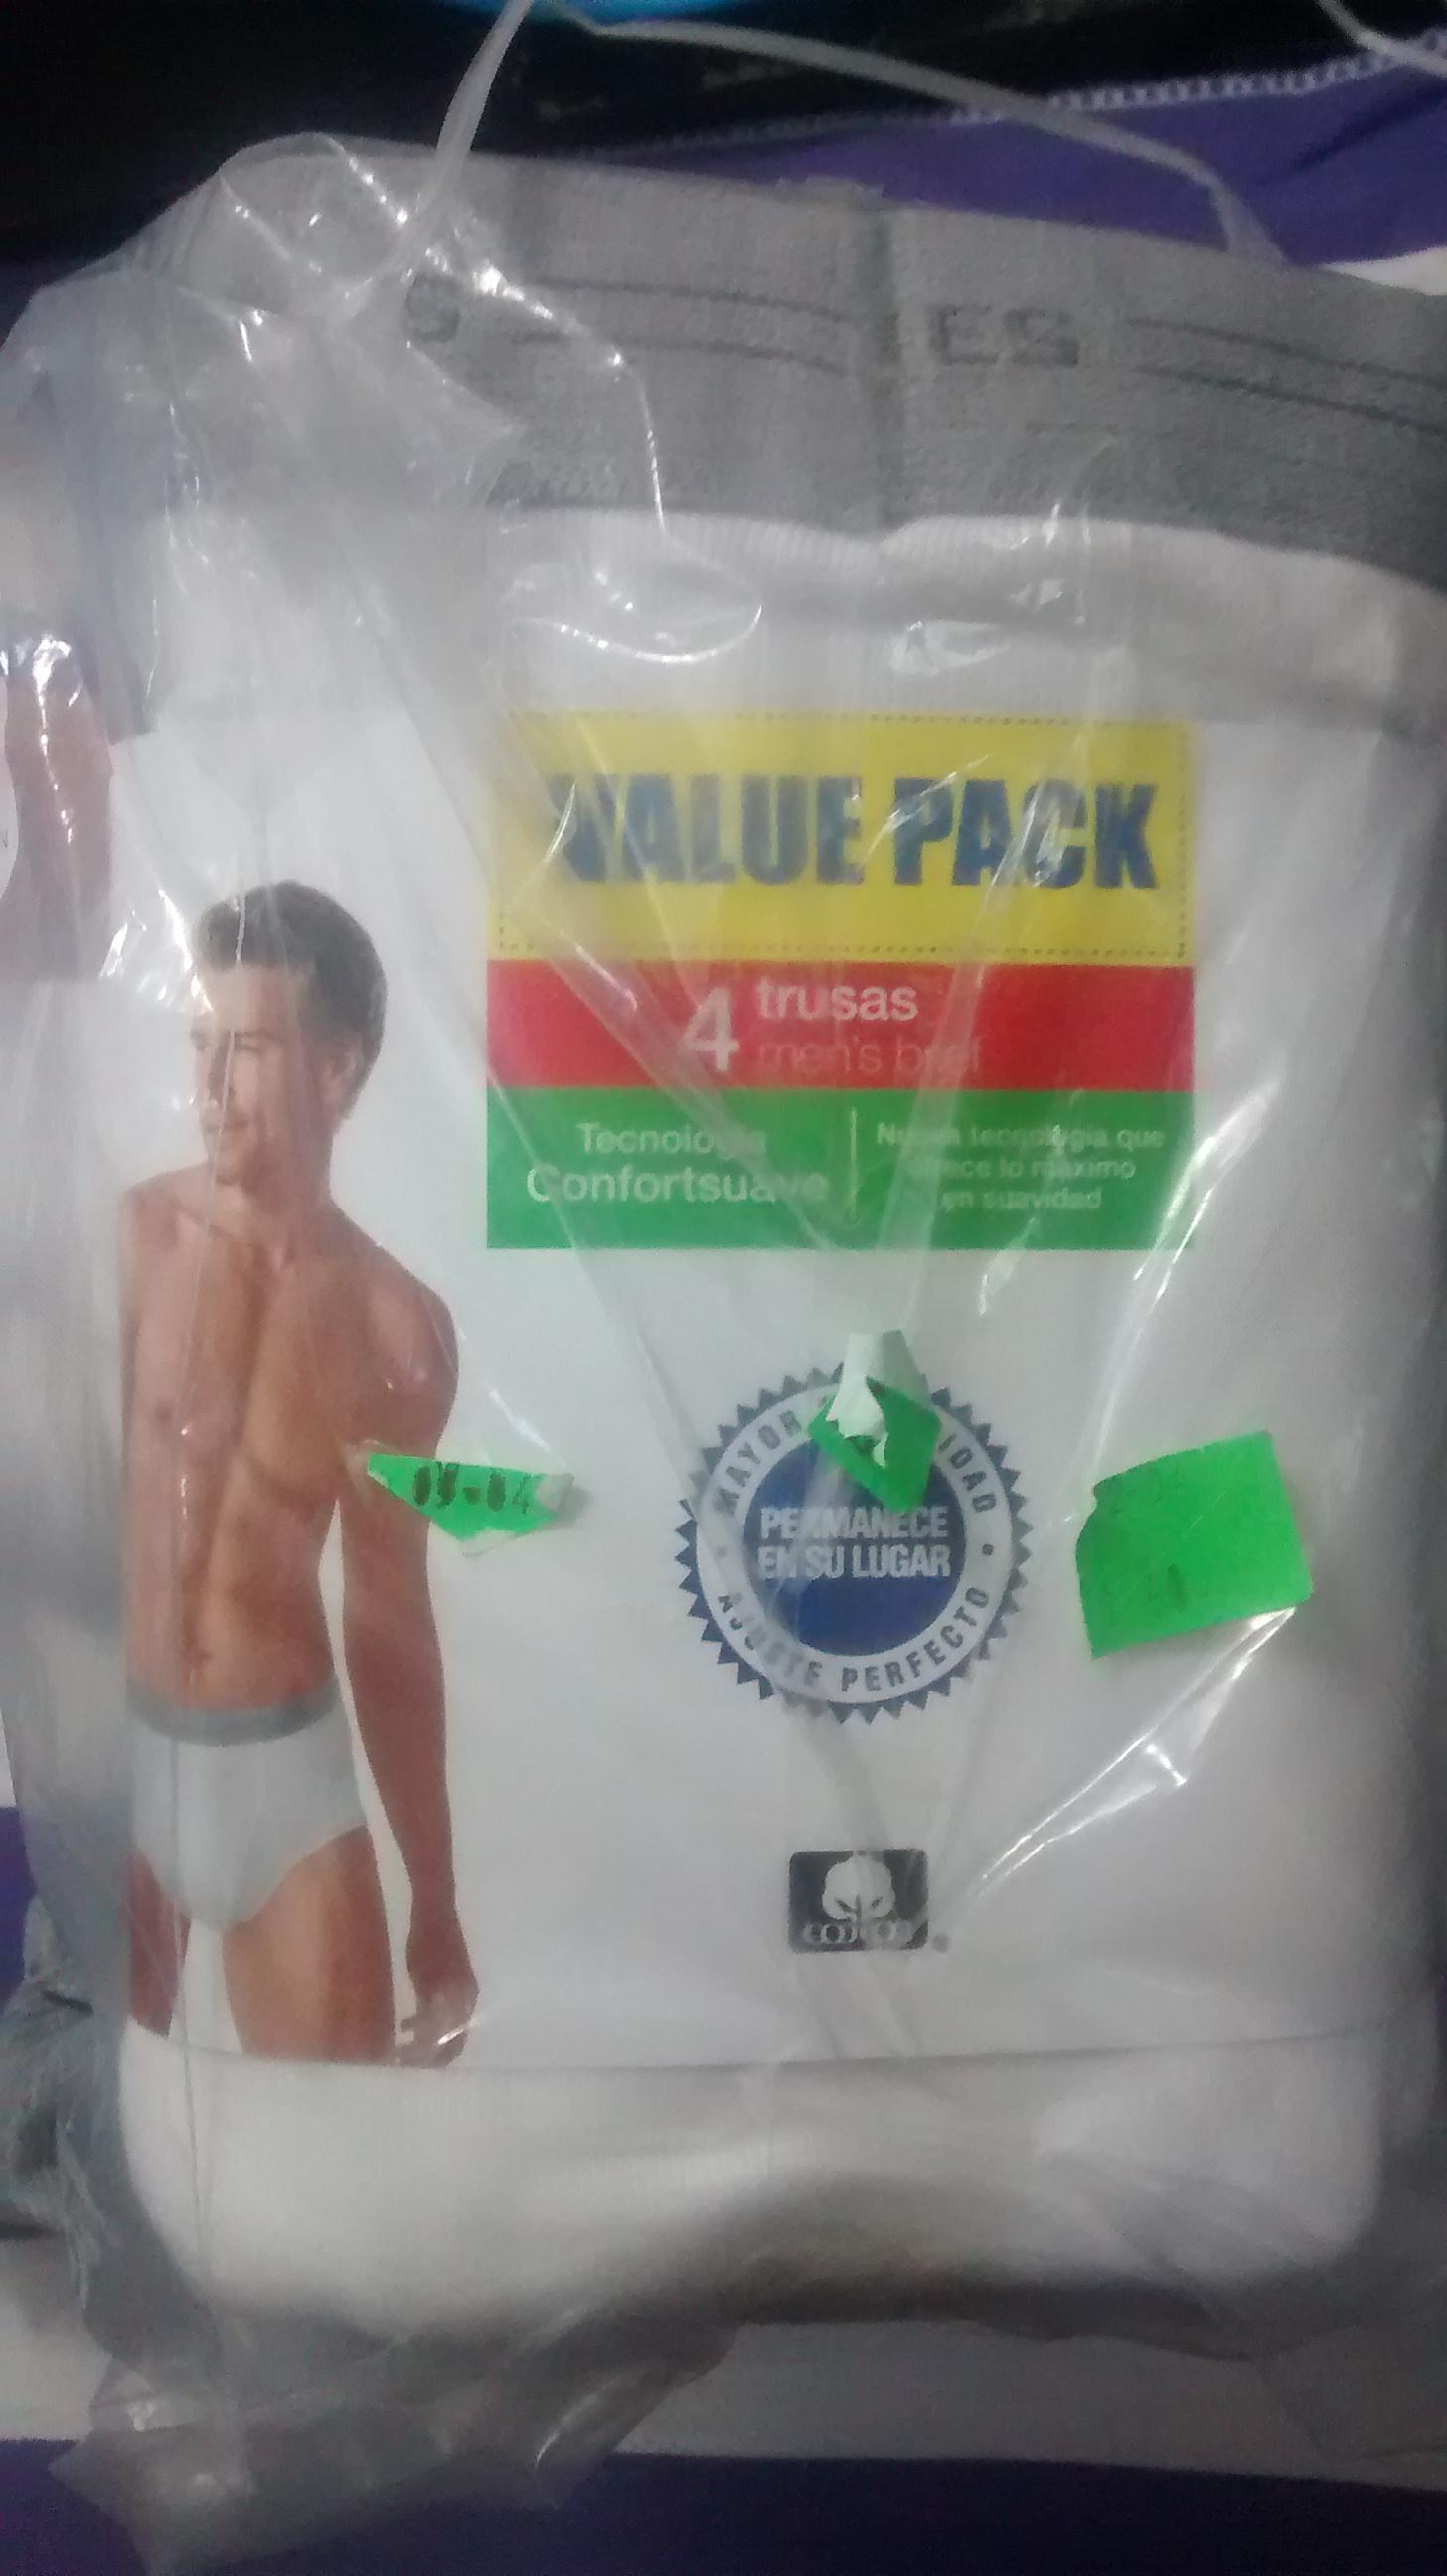 Walmart: 4 Truzas para caballero Hanes o Rimbros a $30